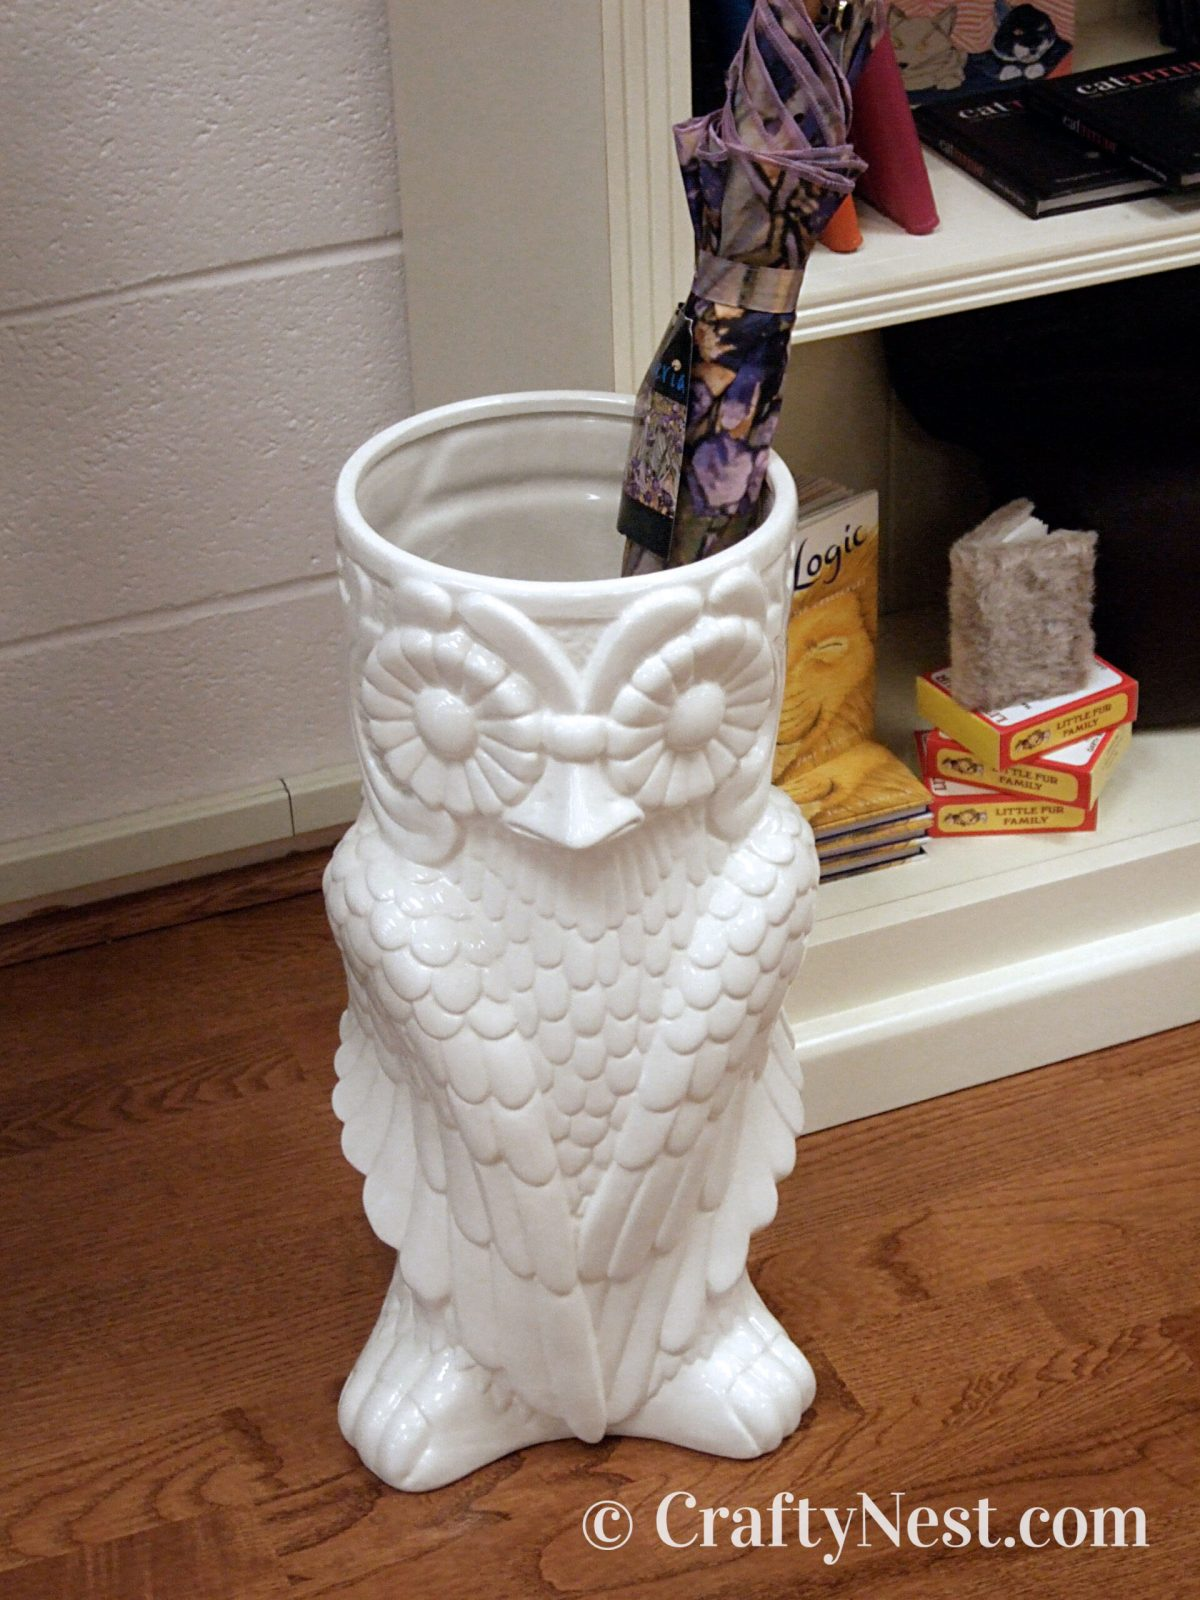 Ceramic owl umbrella stand, photo